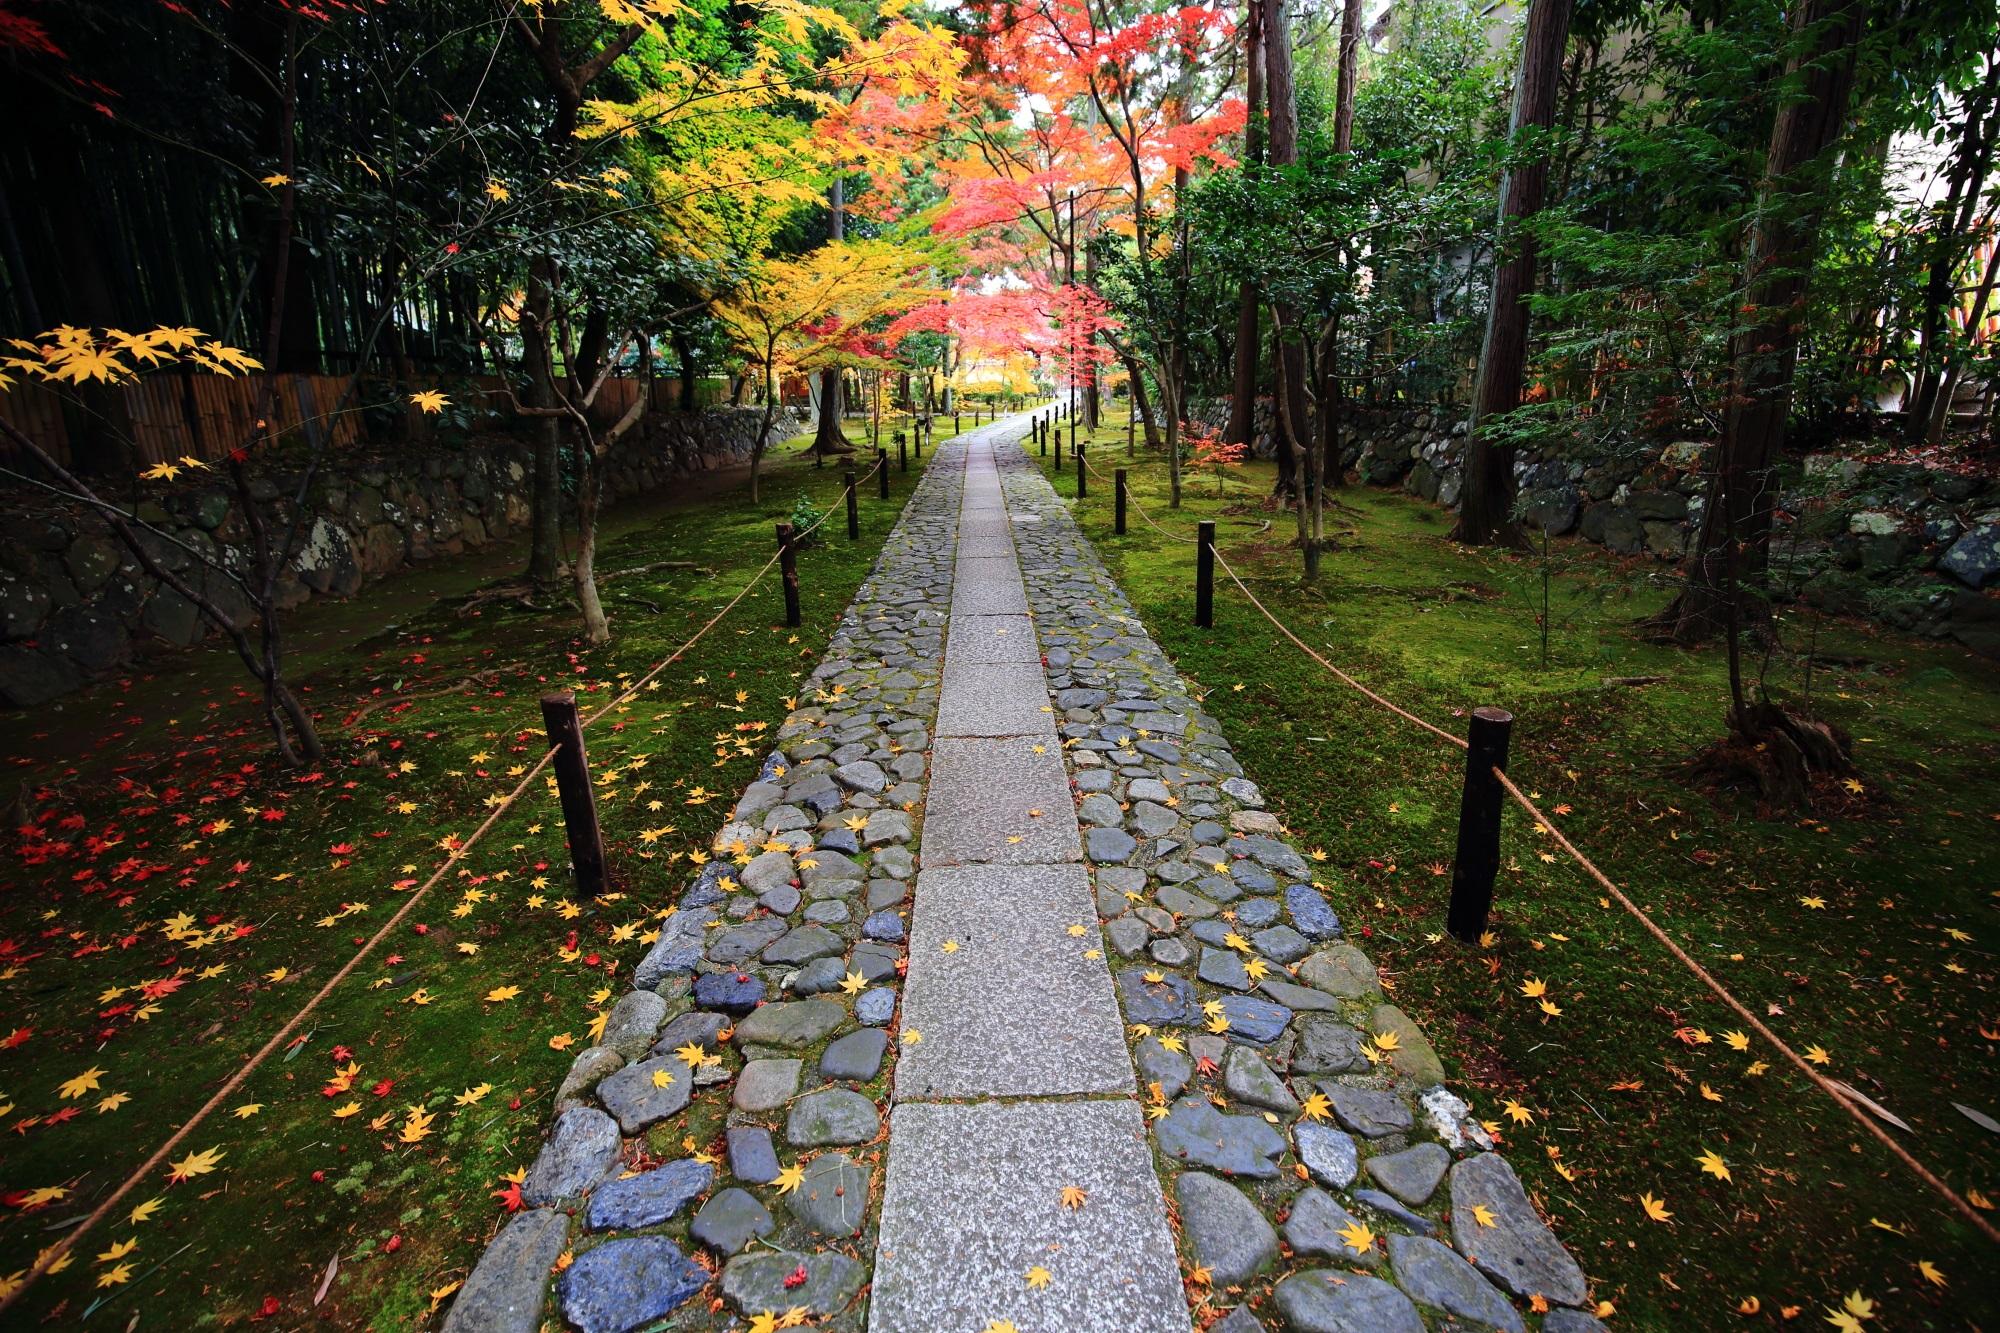 紅葉の穴場の鹿王院の参道の美しい紅葉と散りもみじ